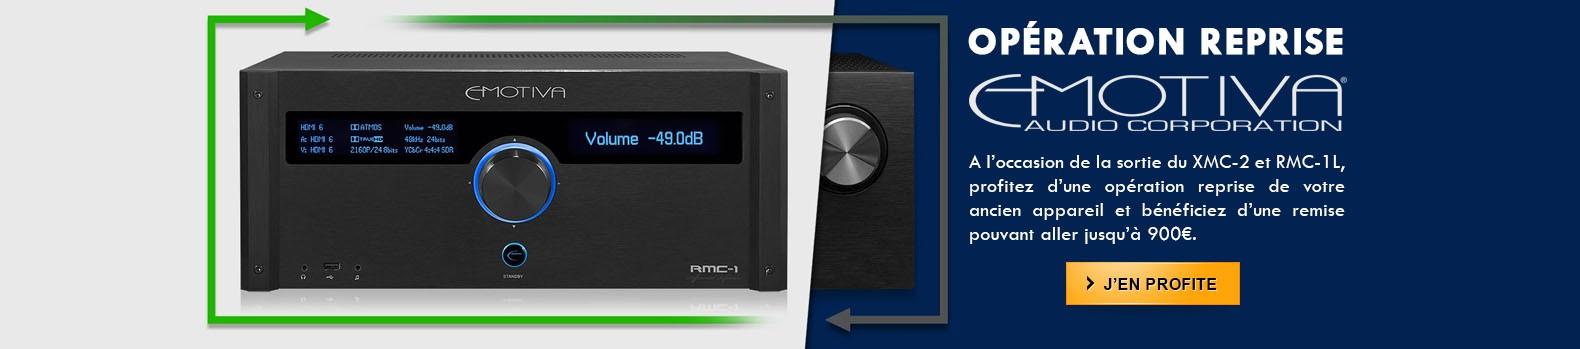 Emotiva reprend votre ancien appareil pour l'achat d'un nouveau processeur XMC-2 ou RMC-1